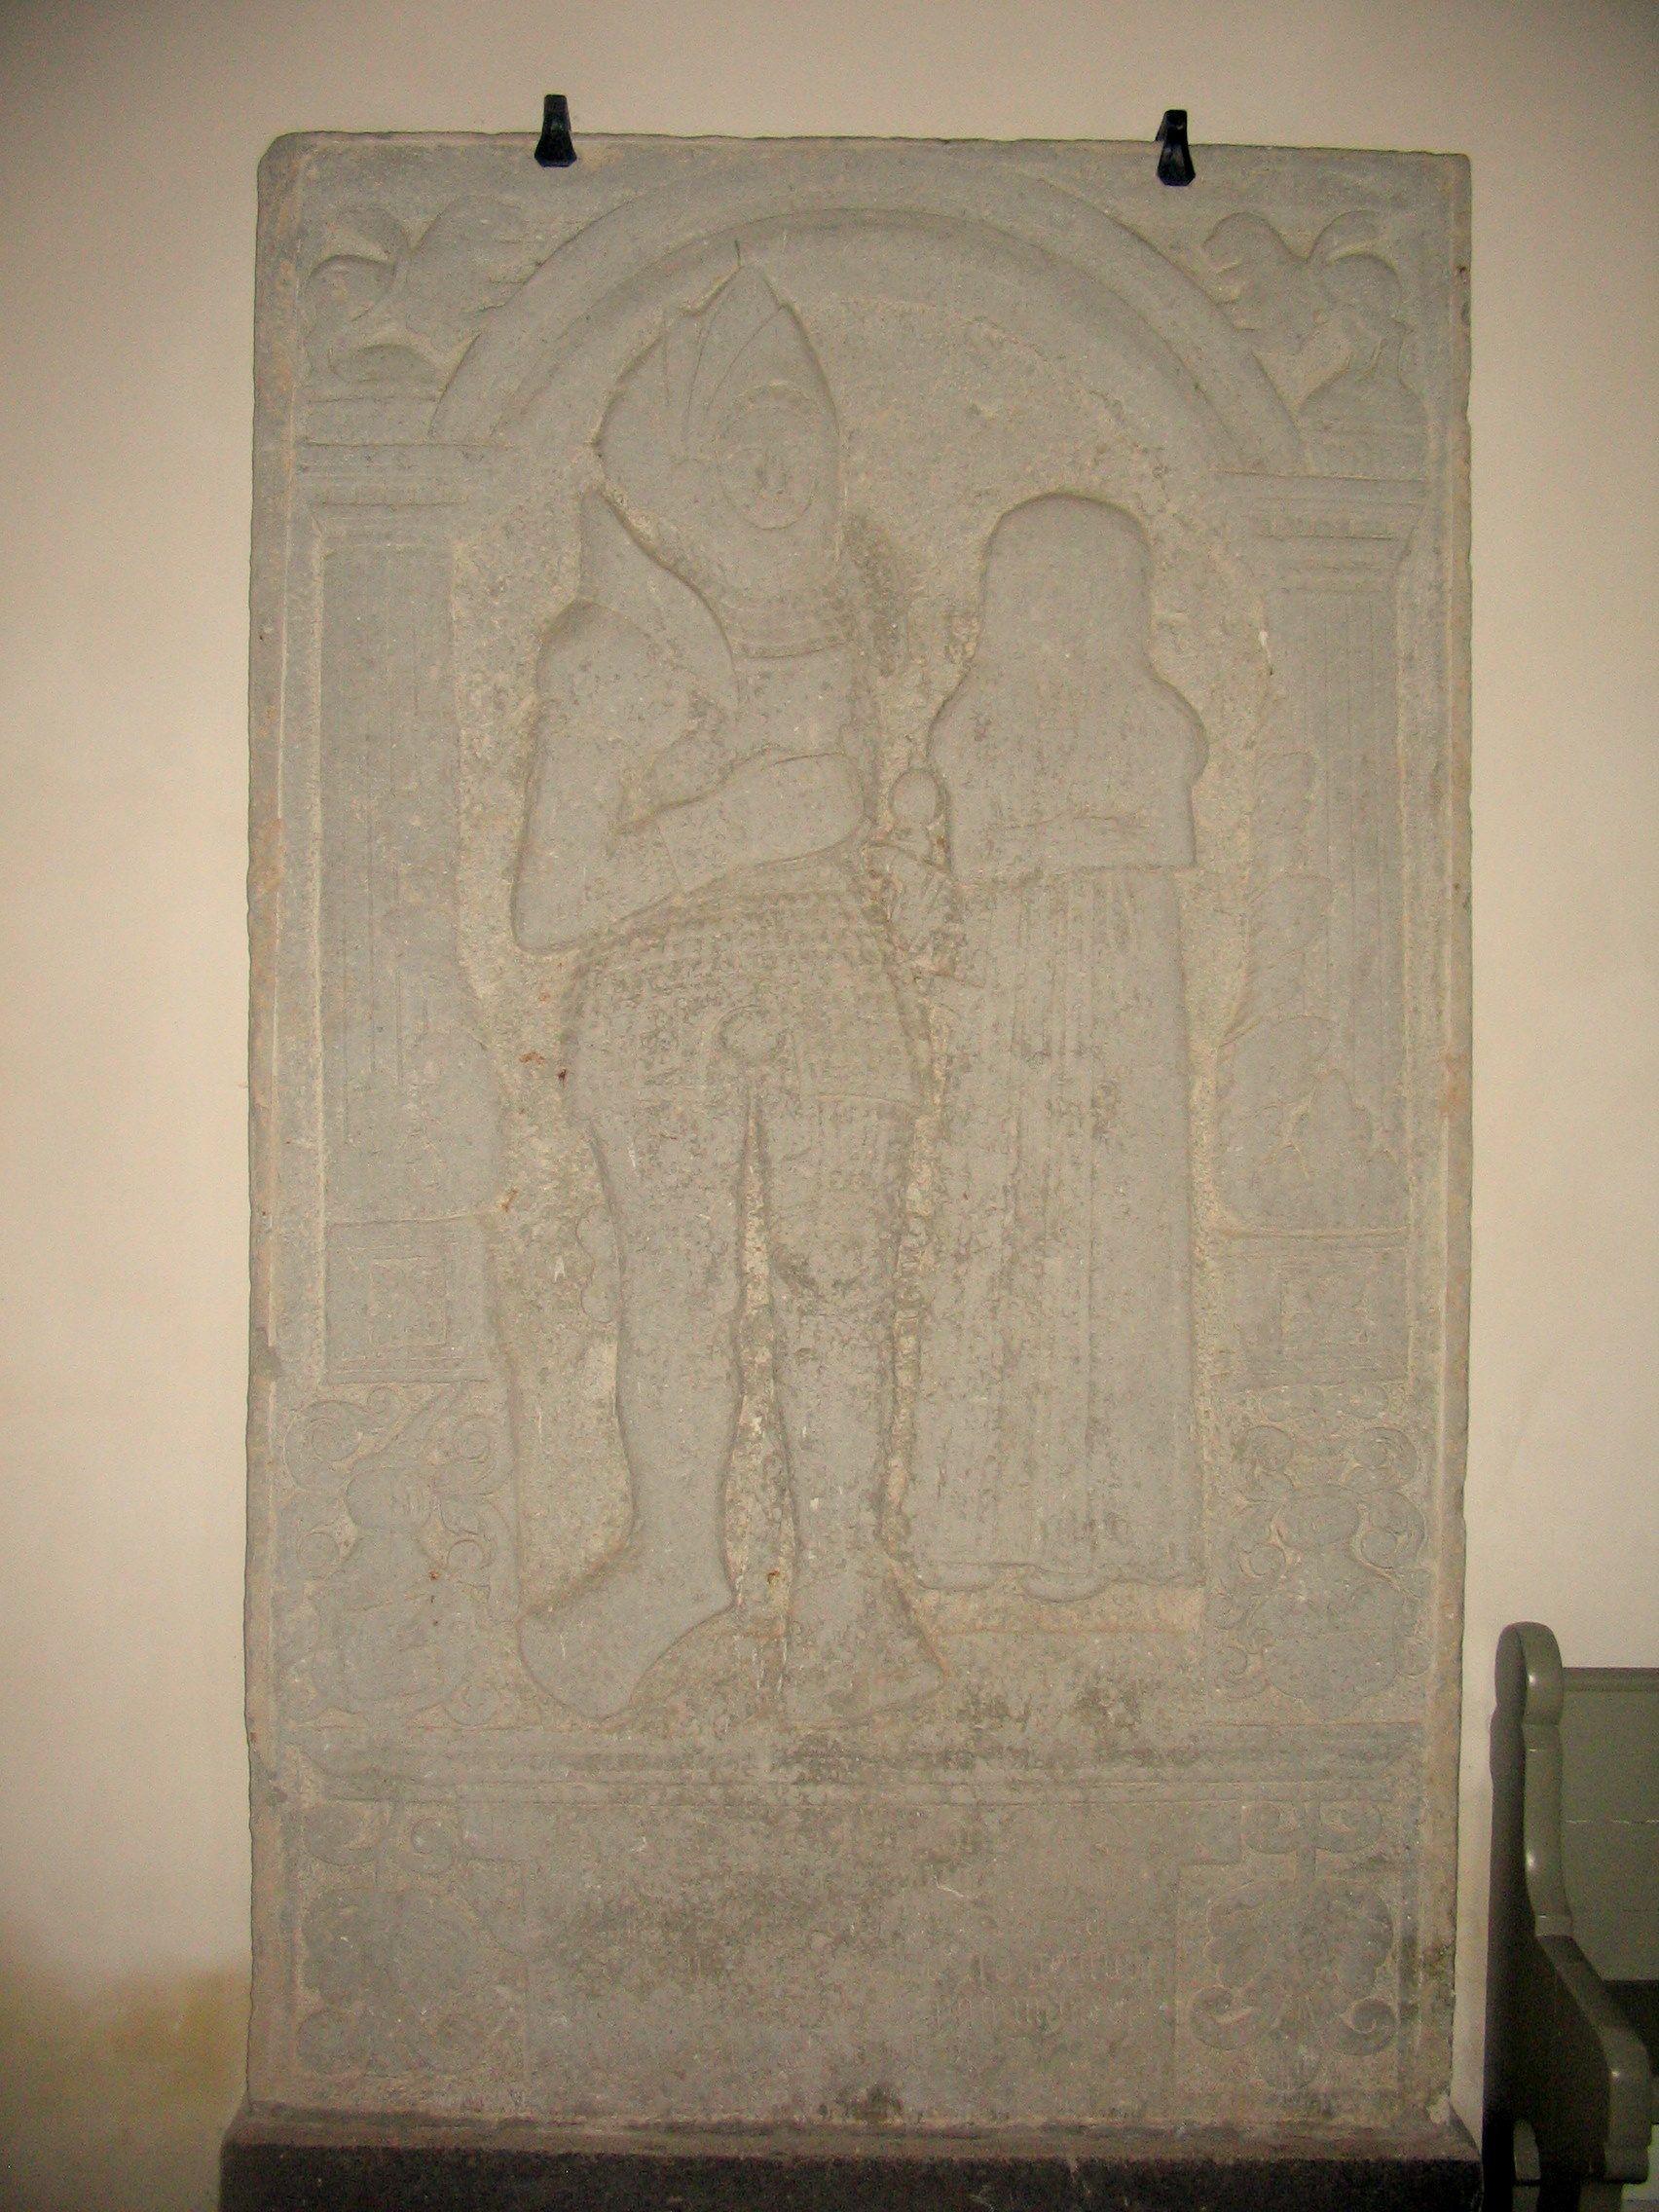 Ejerne til Nielstrup Johan Bjørn +1534 og Gertrud Parsbjerg +1560